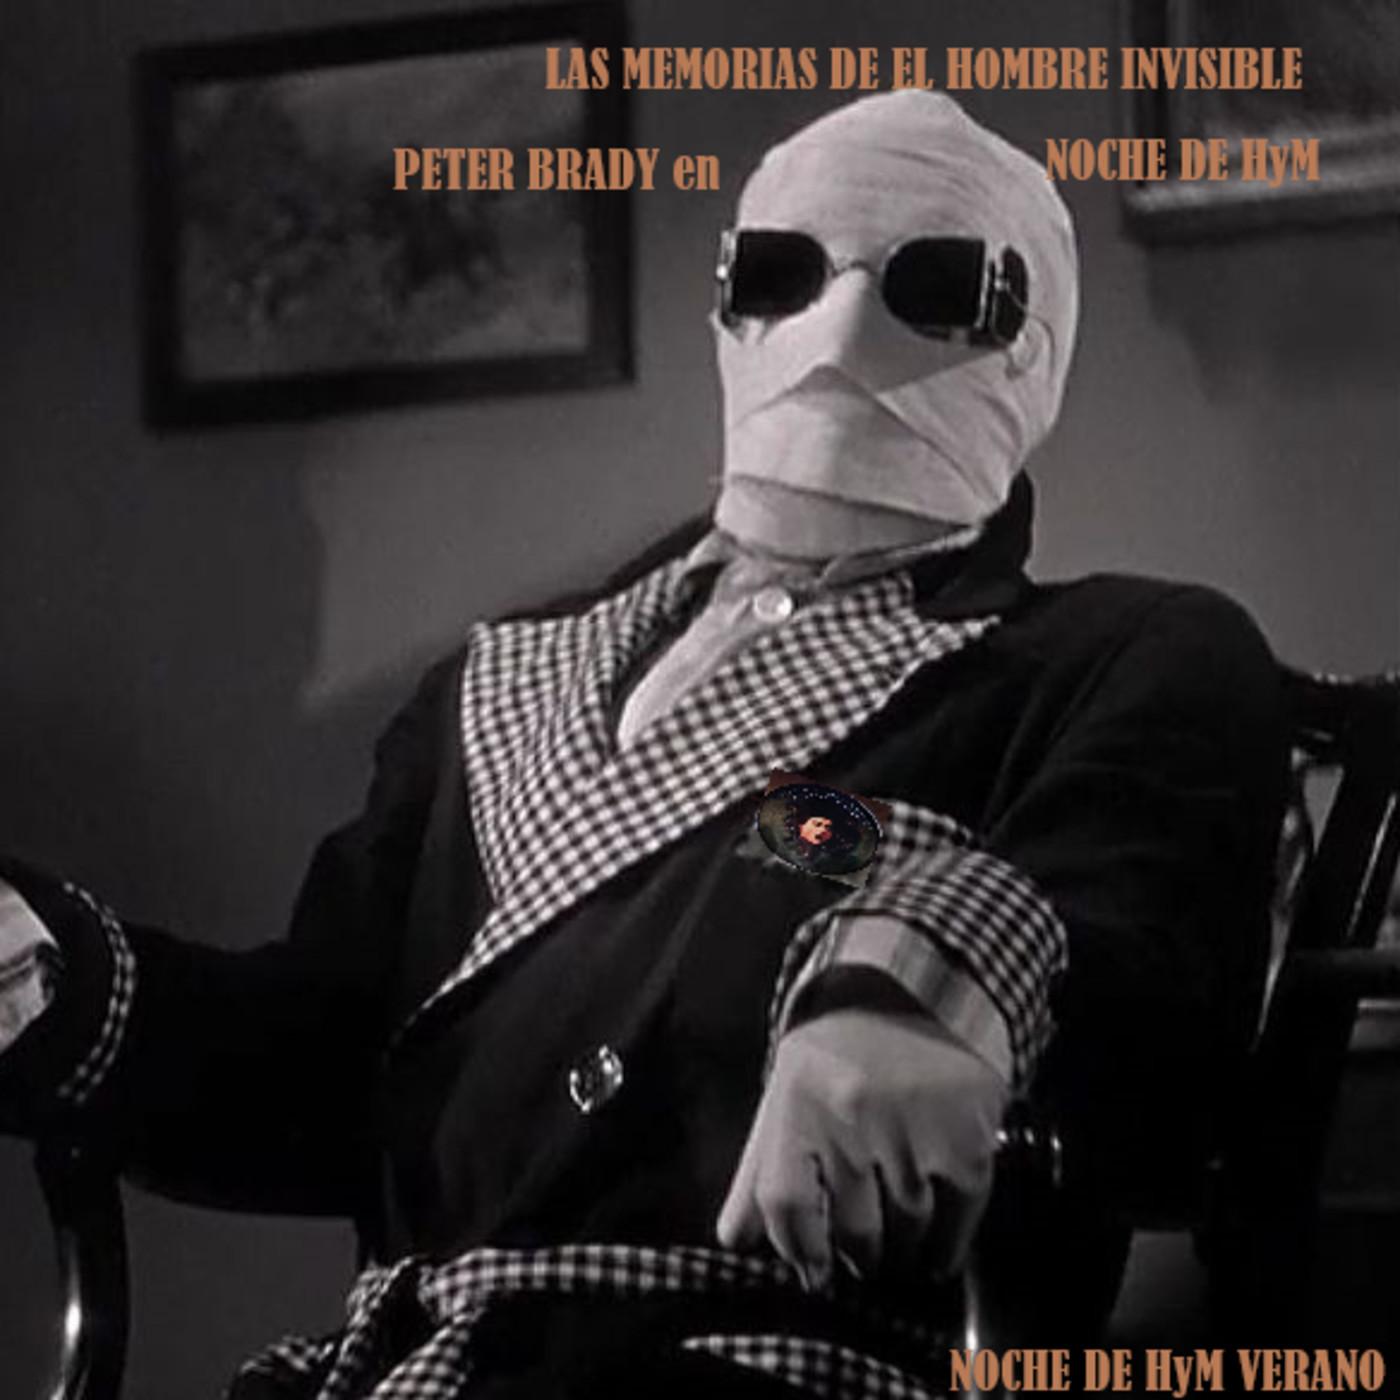 NochedeHyM-422-Verano - LAS MEMORIAS DE EL HOMBRE INVISIBLE. Cap. 9